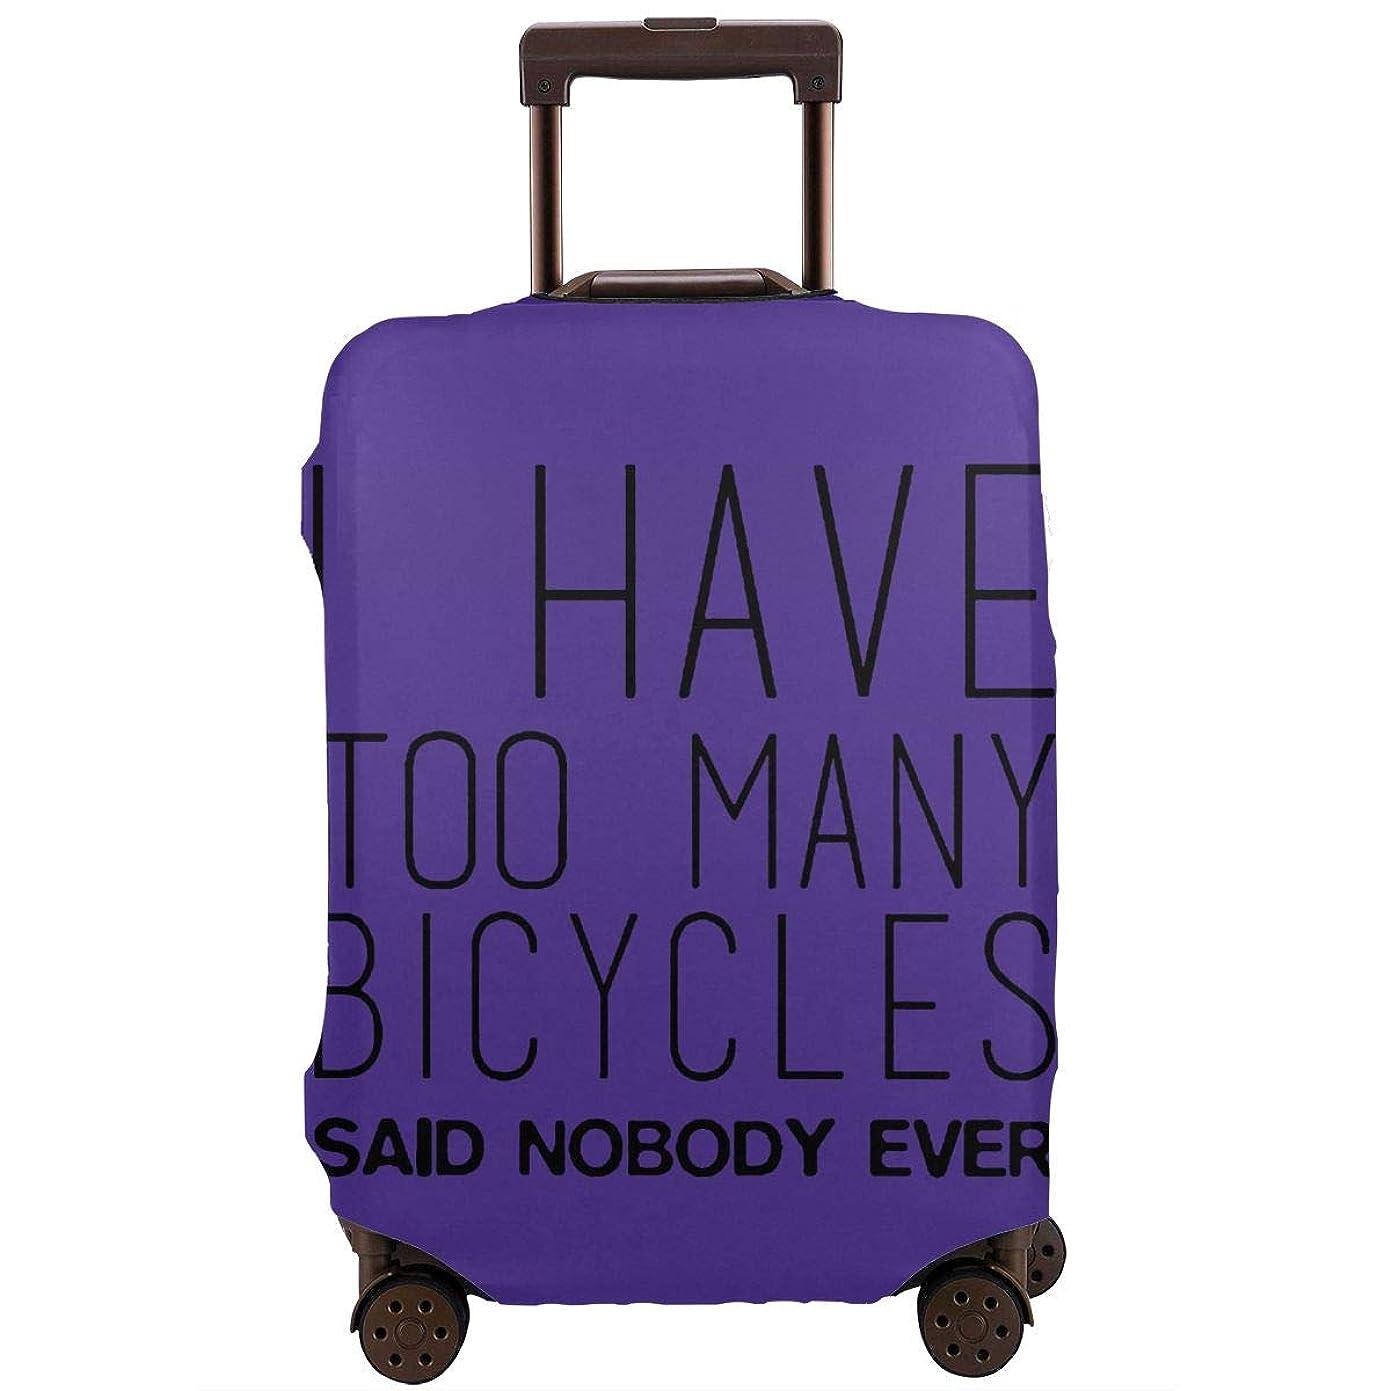 空いている写真の閃光Hanawujinha キャリーバッグカバー スーツケースカバー お荷物カバー ちゃり 自転車 伸縮素材 国内旅行 海外旅行 おしゃれ 着脱やすい 防塵 防水 防汚れ 傷付き防止 防盗 洗える